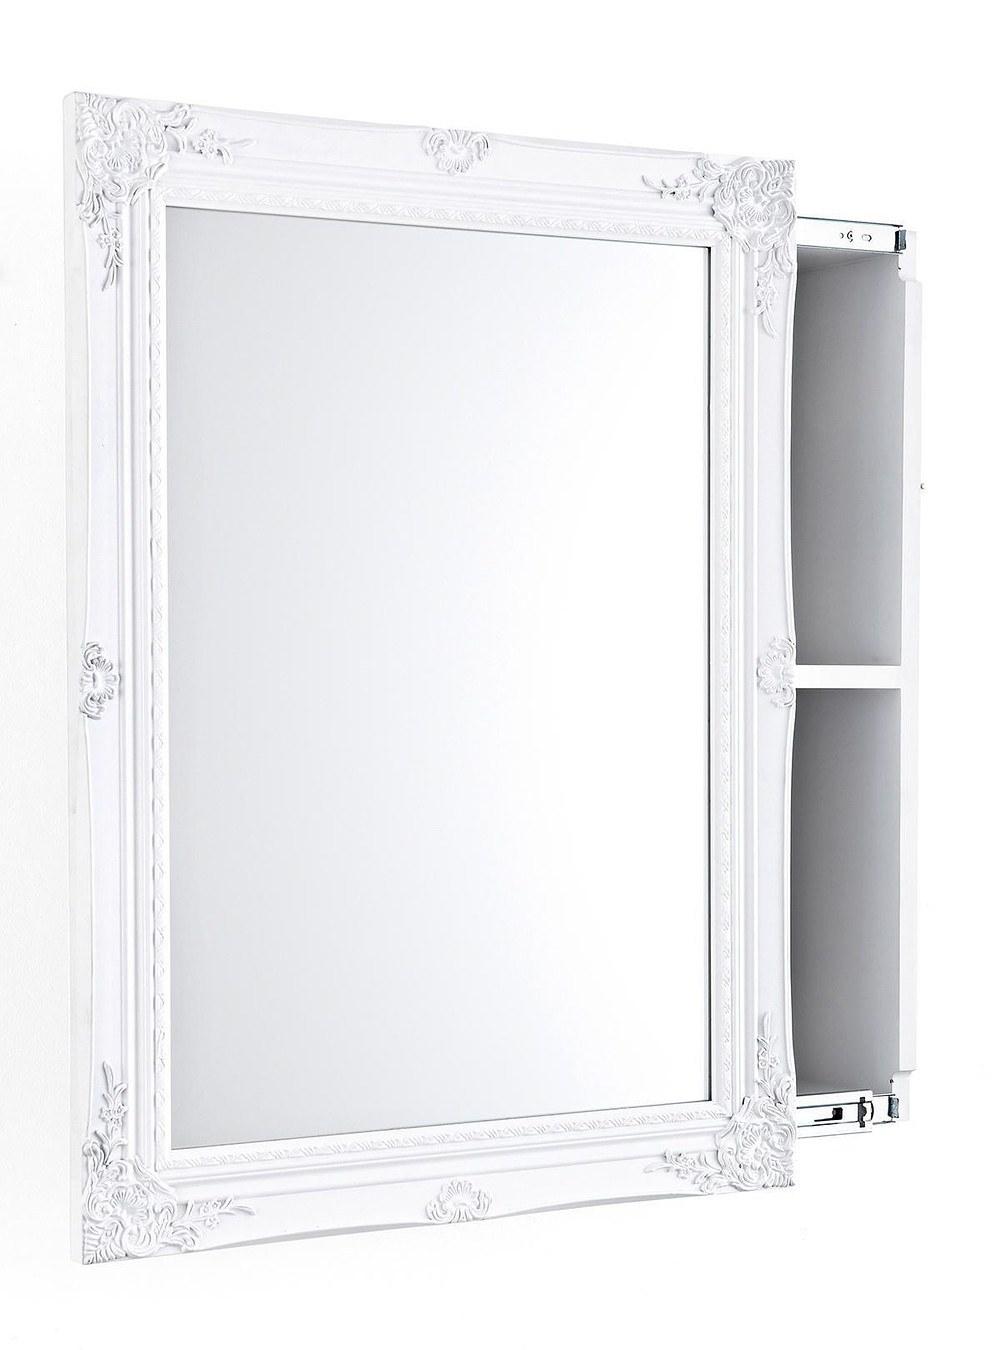 IMPRESSIONEN living Spiegelschrank Weiß